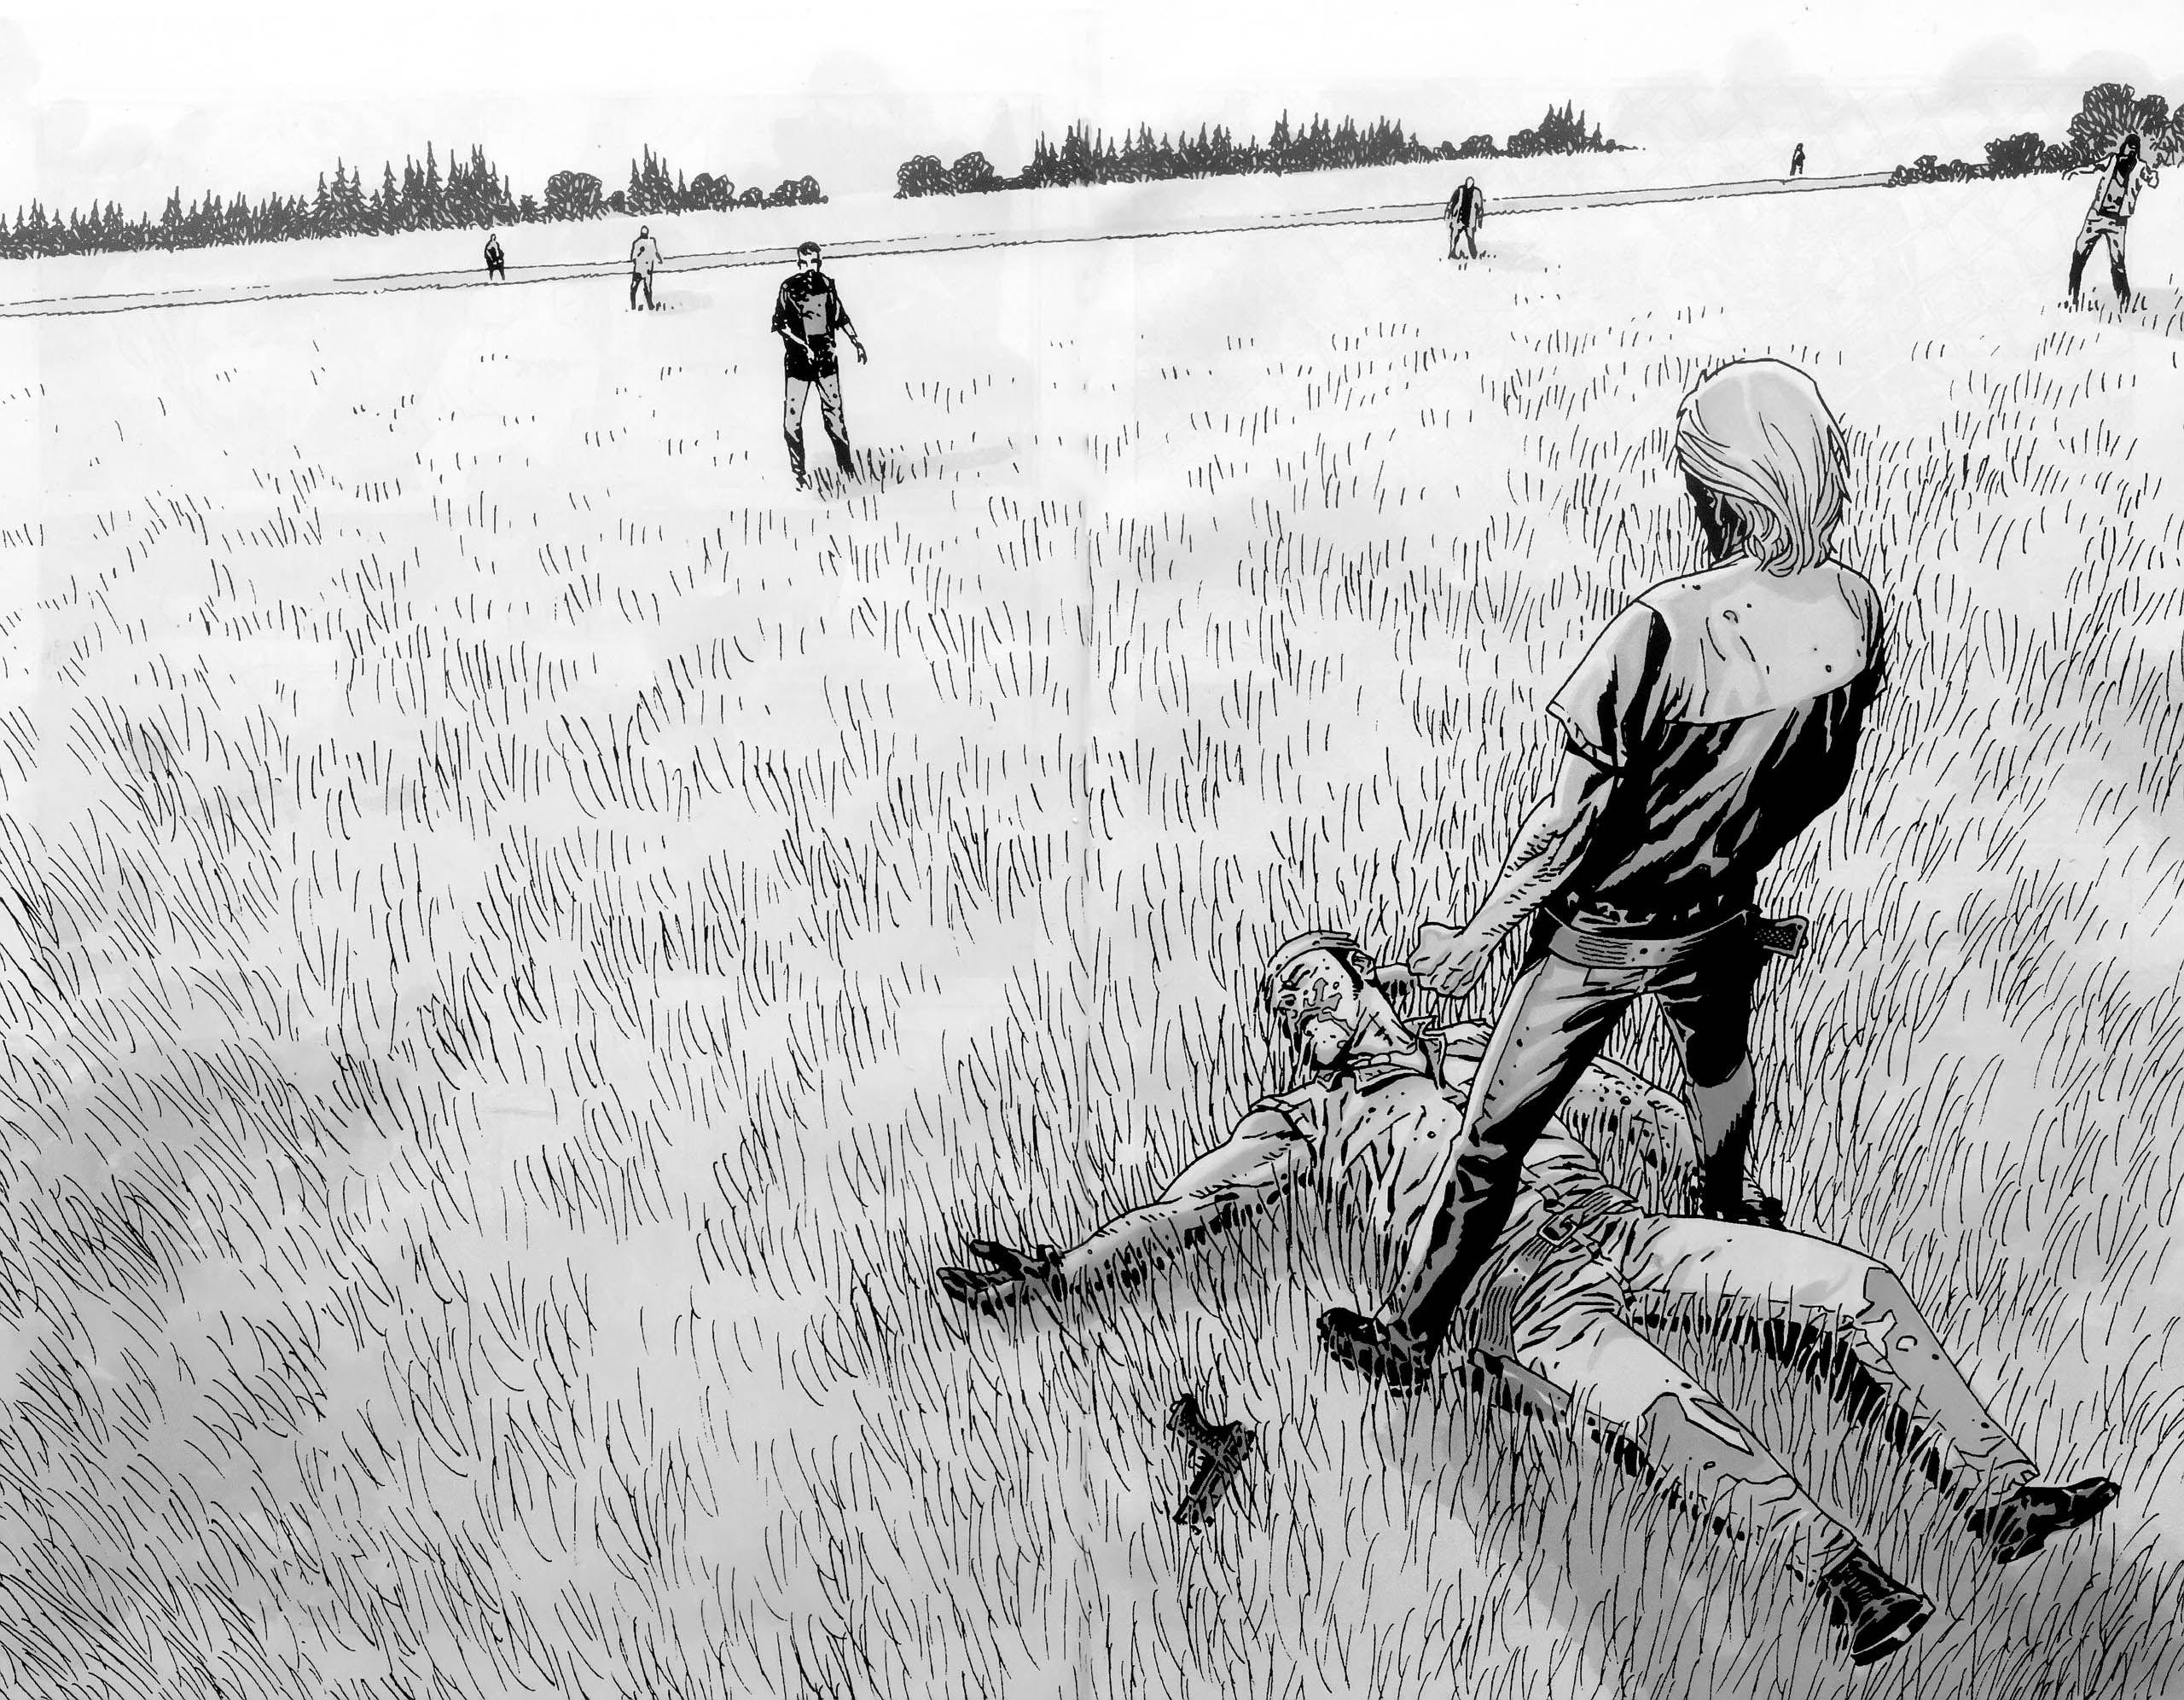 The Walking Dead 36 Walking Dead Wallpaper Dead Pictures The